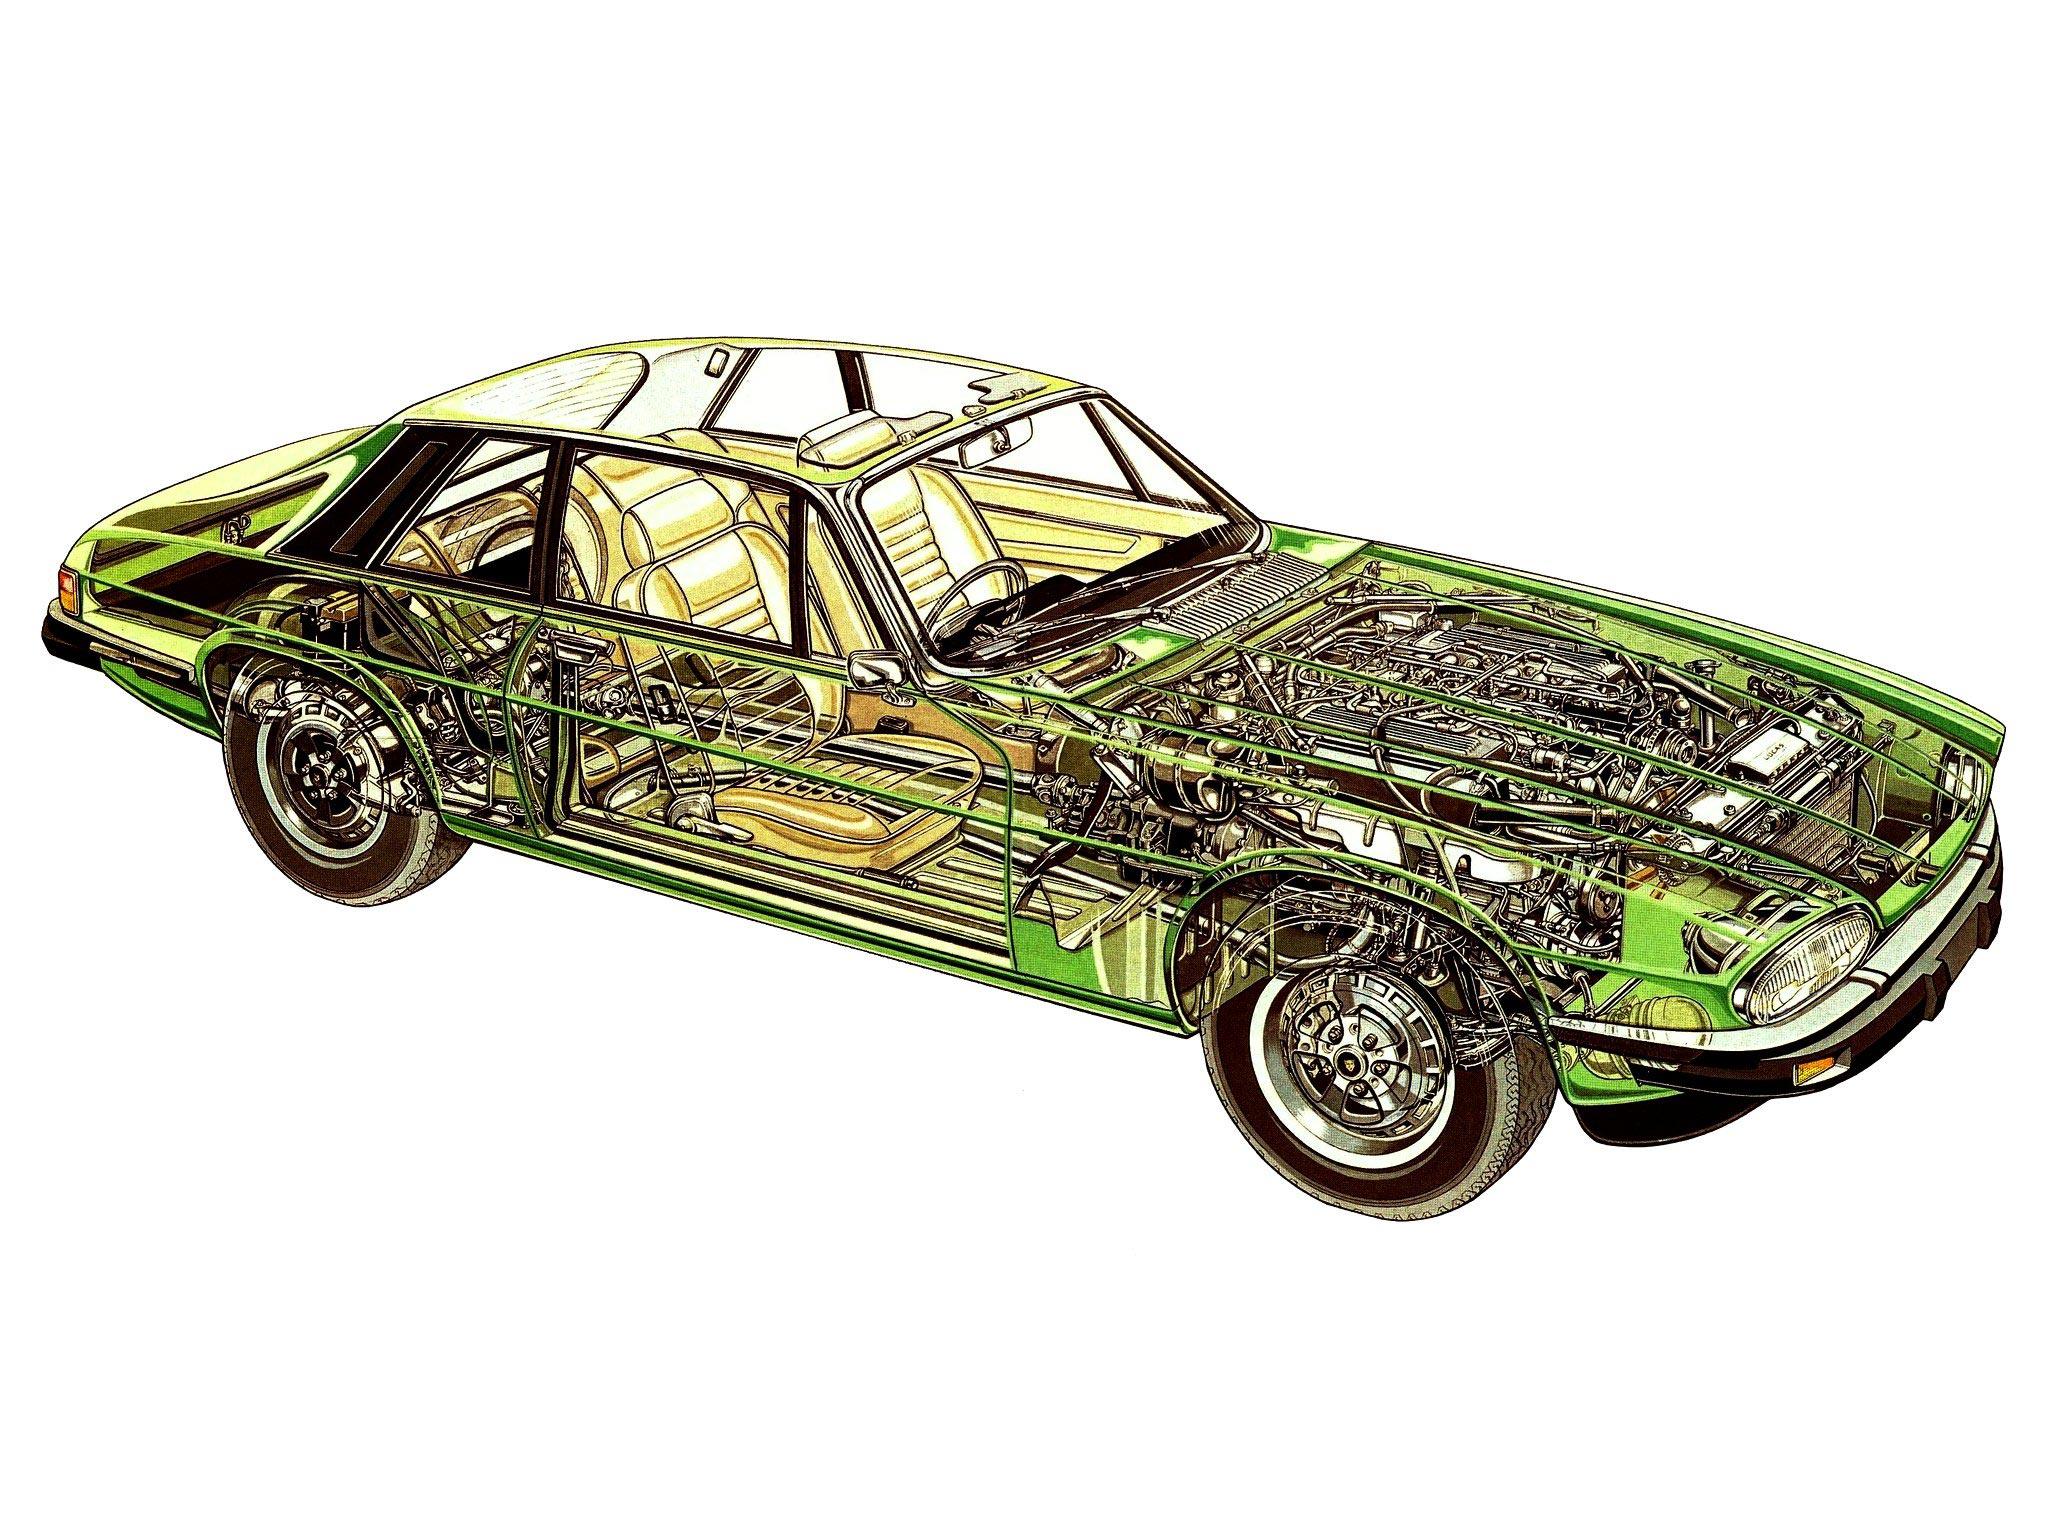 Jaguar XJ-S cutaway drawing